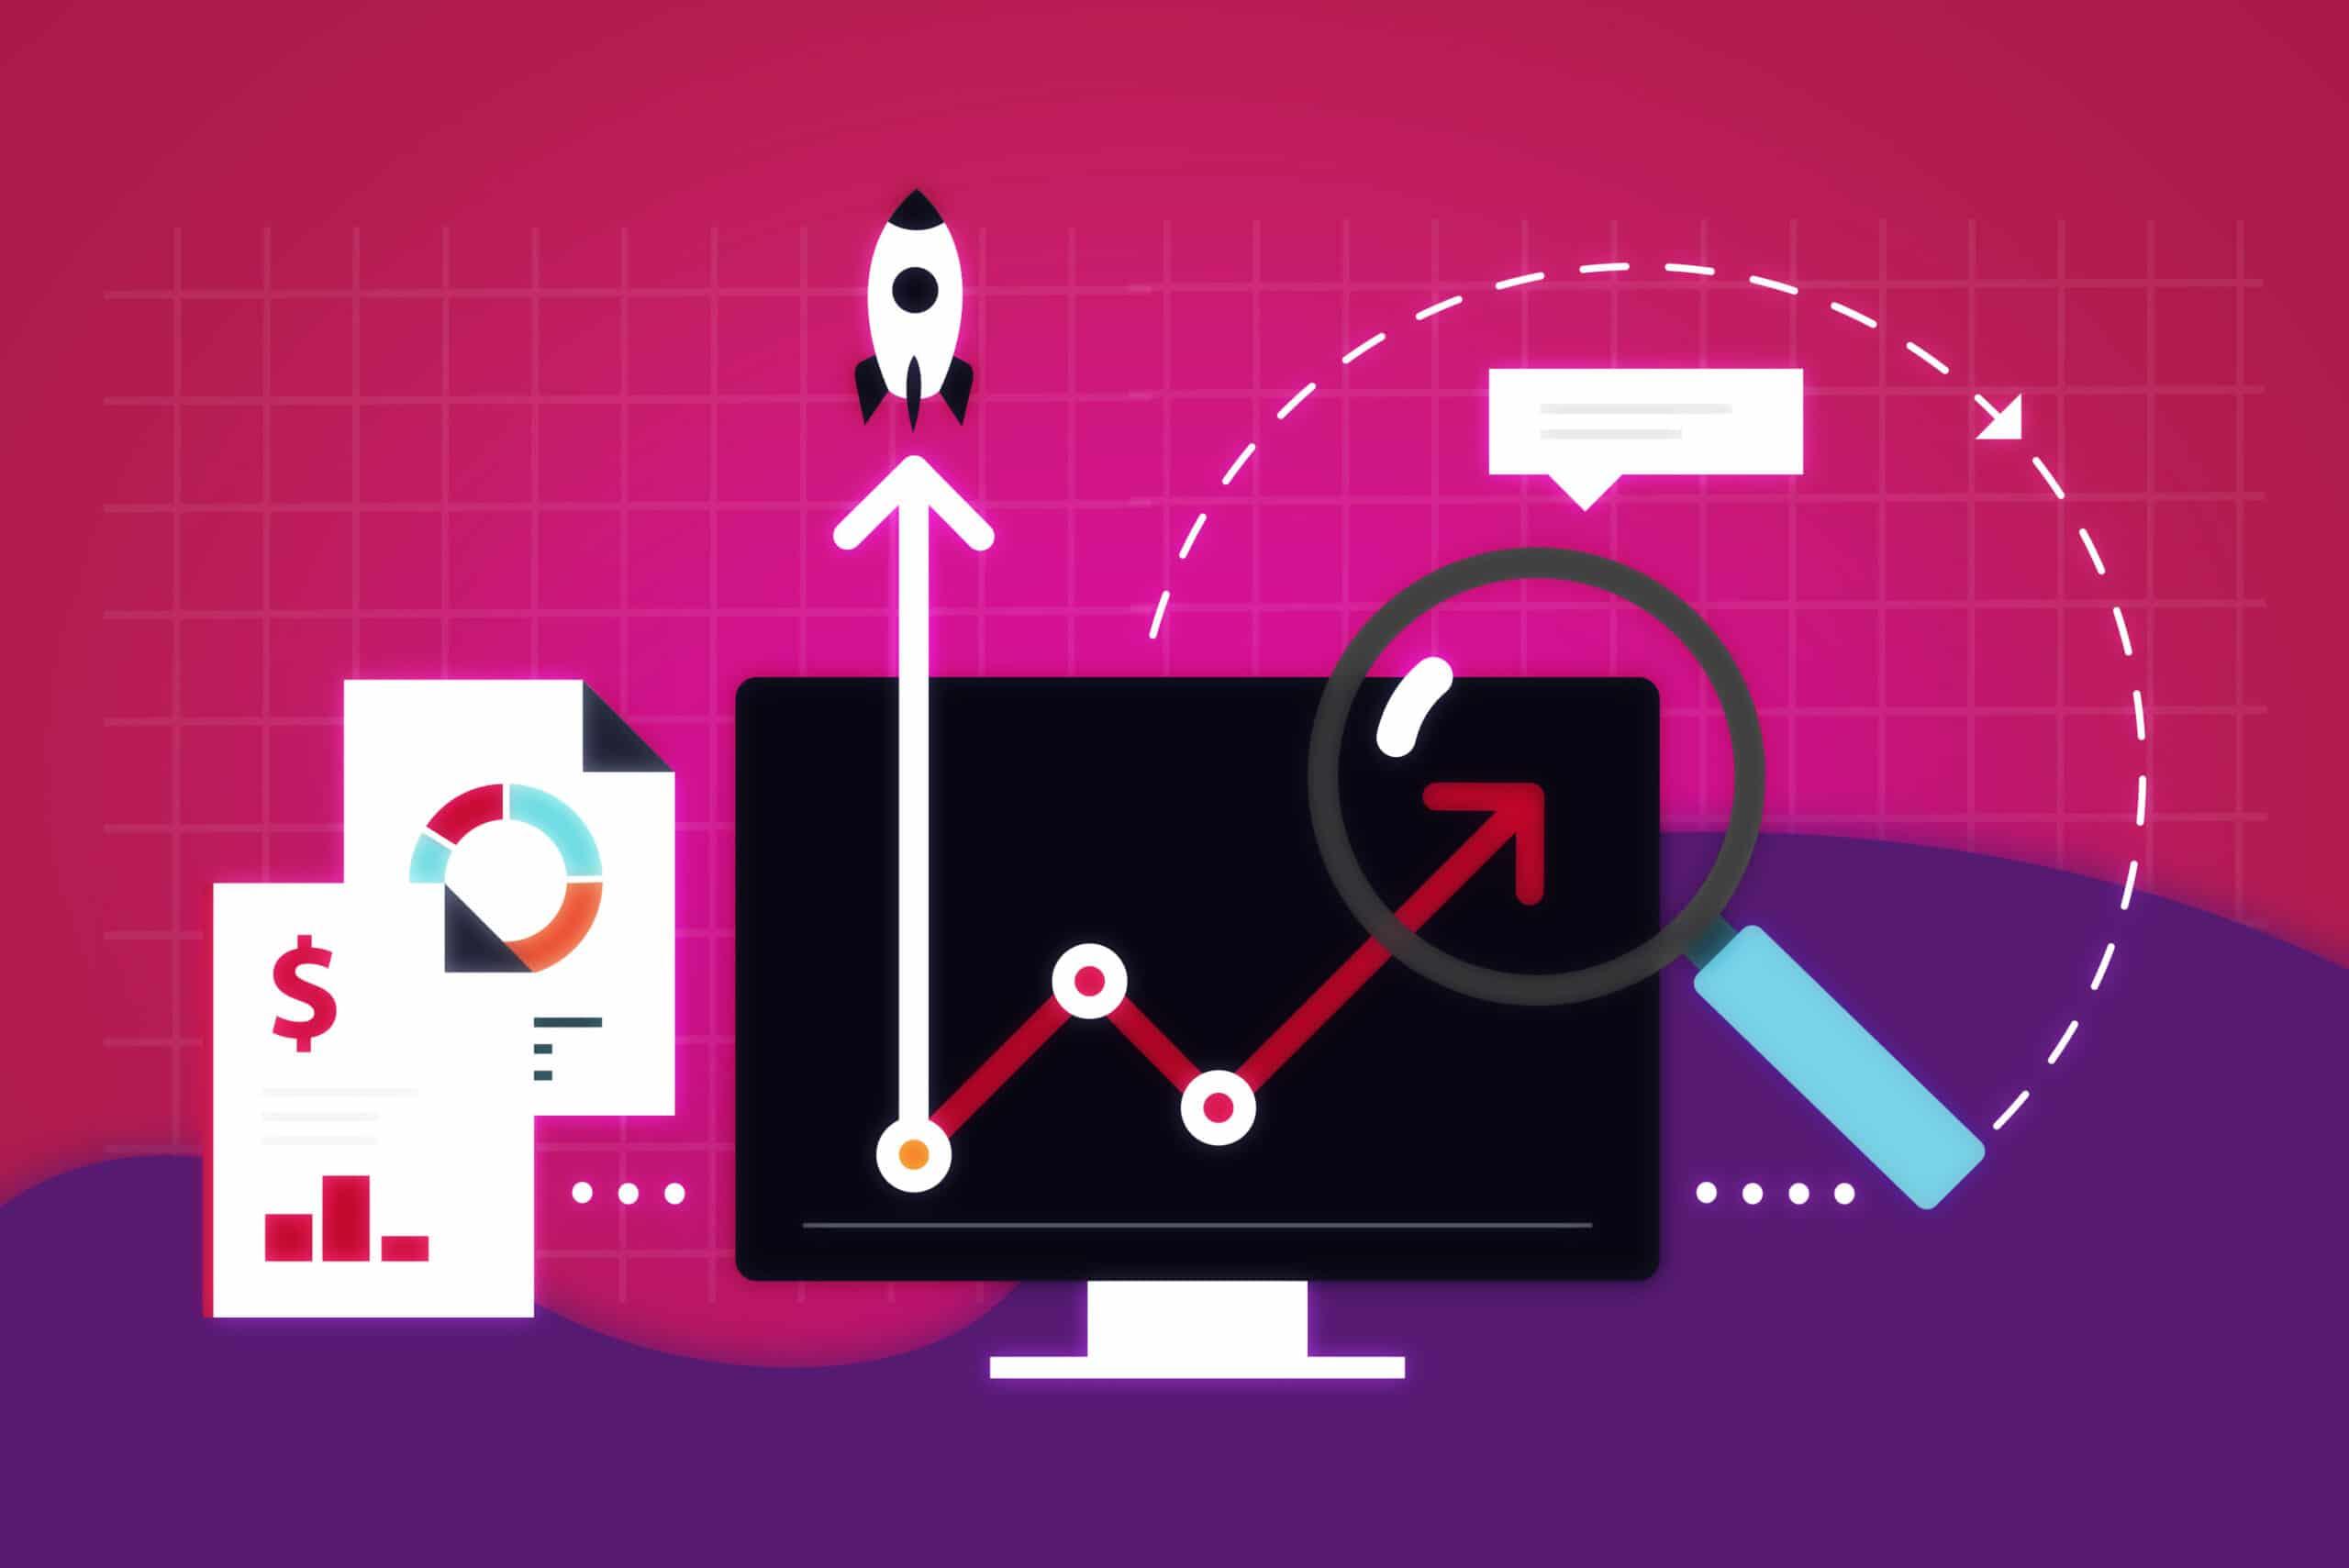 Conheça as principais métricas de marketing digital e saiba como analisar a performance de ações e campanhas online